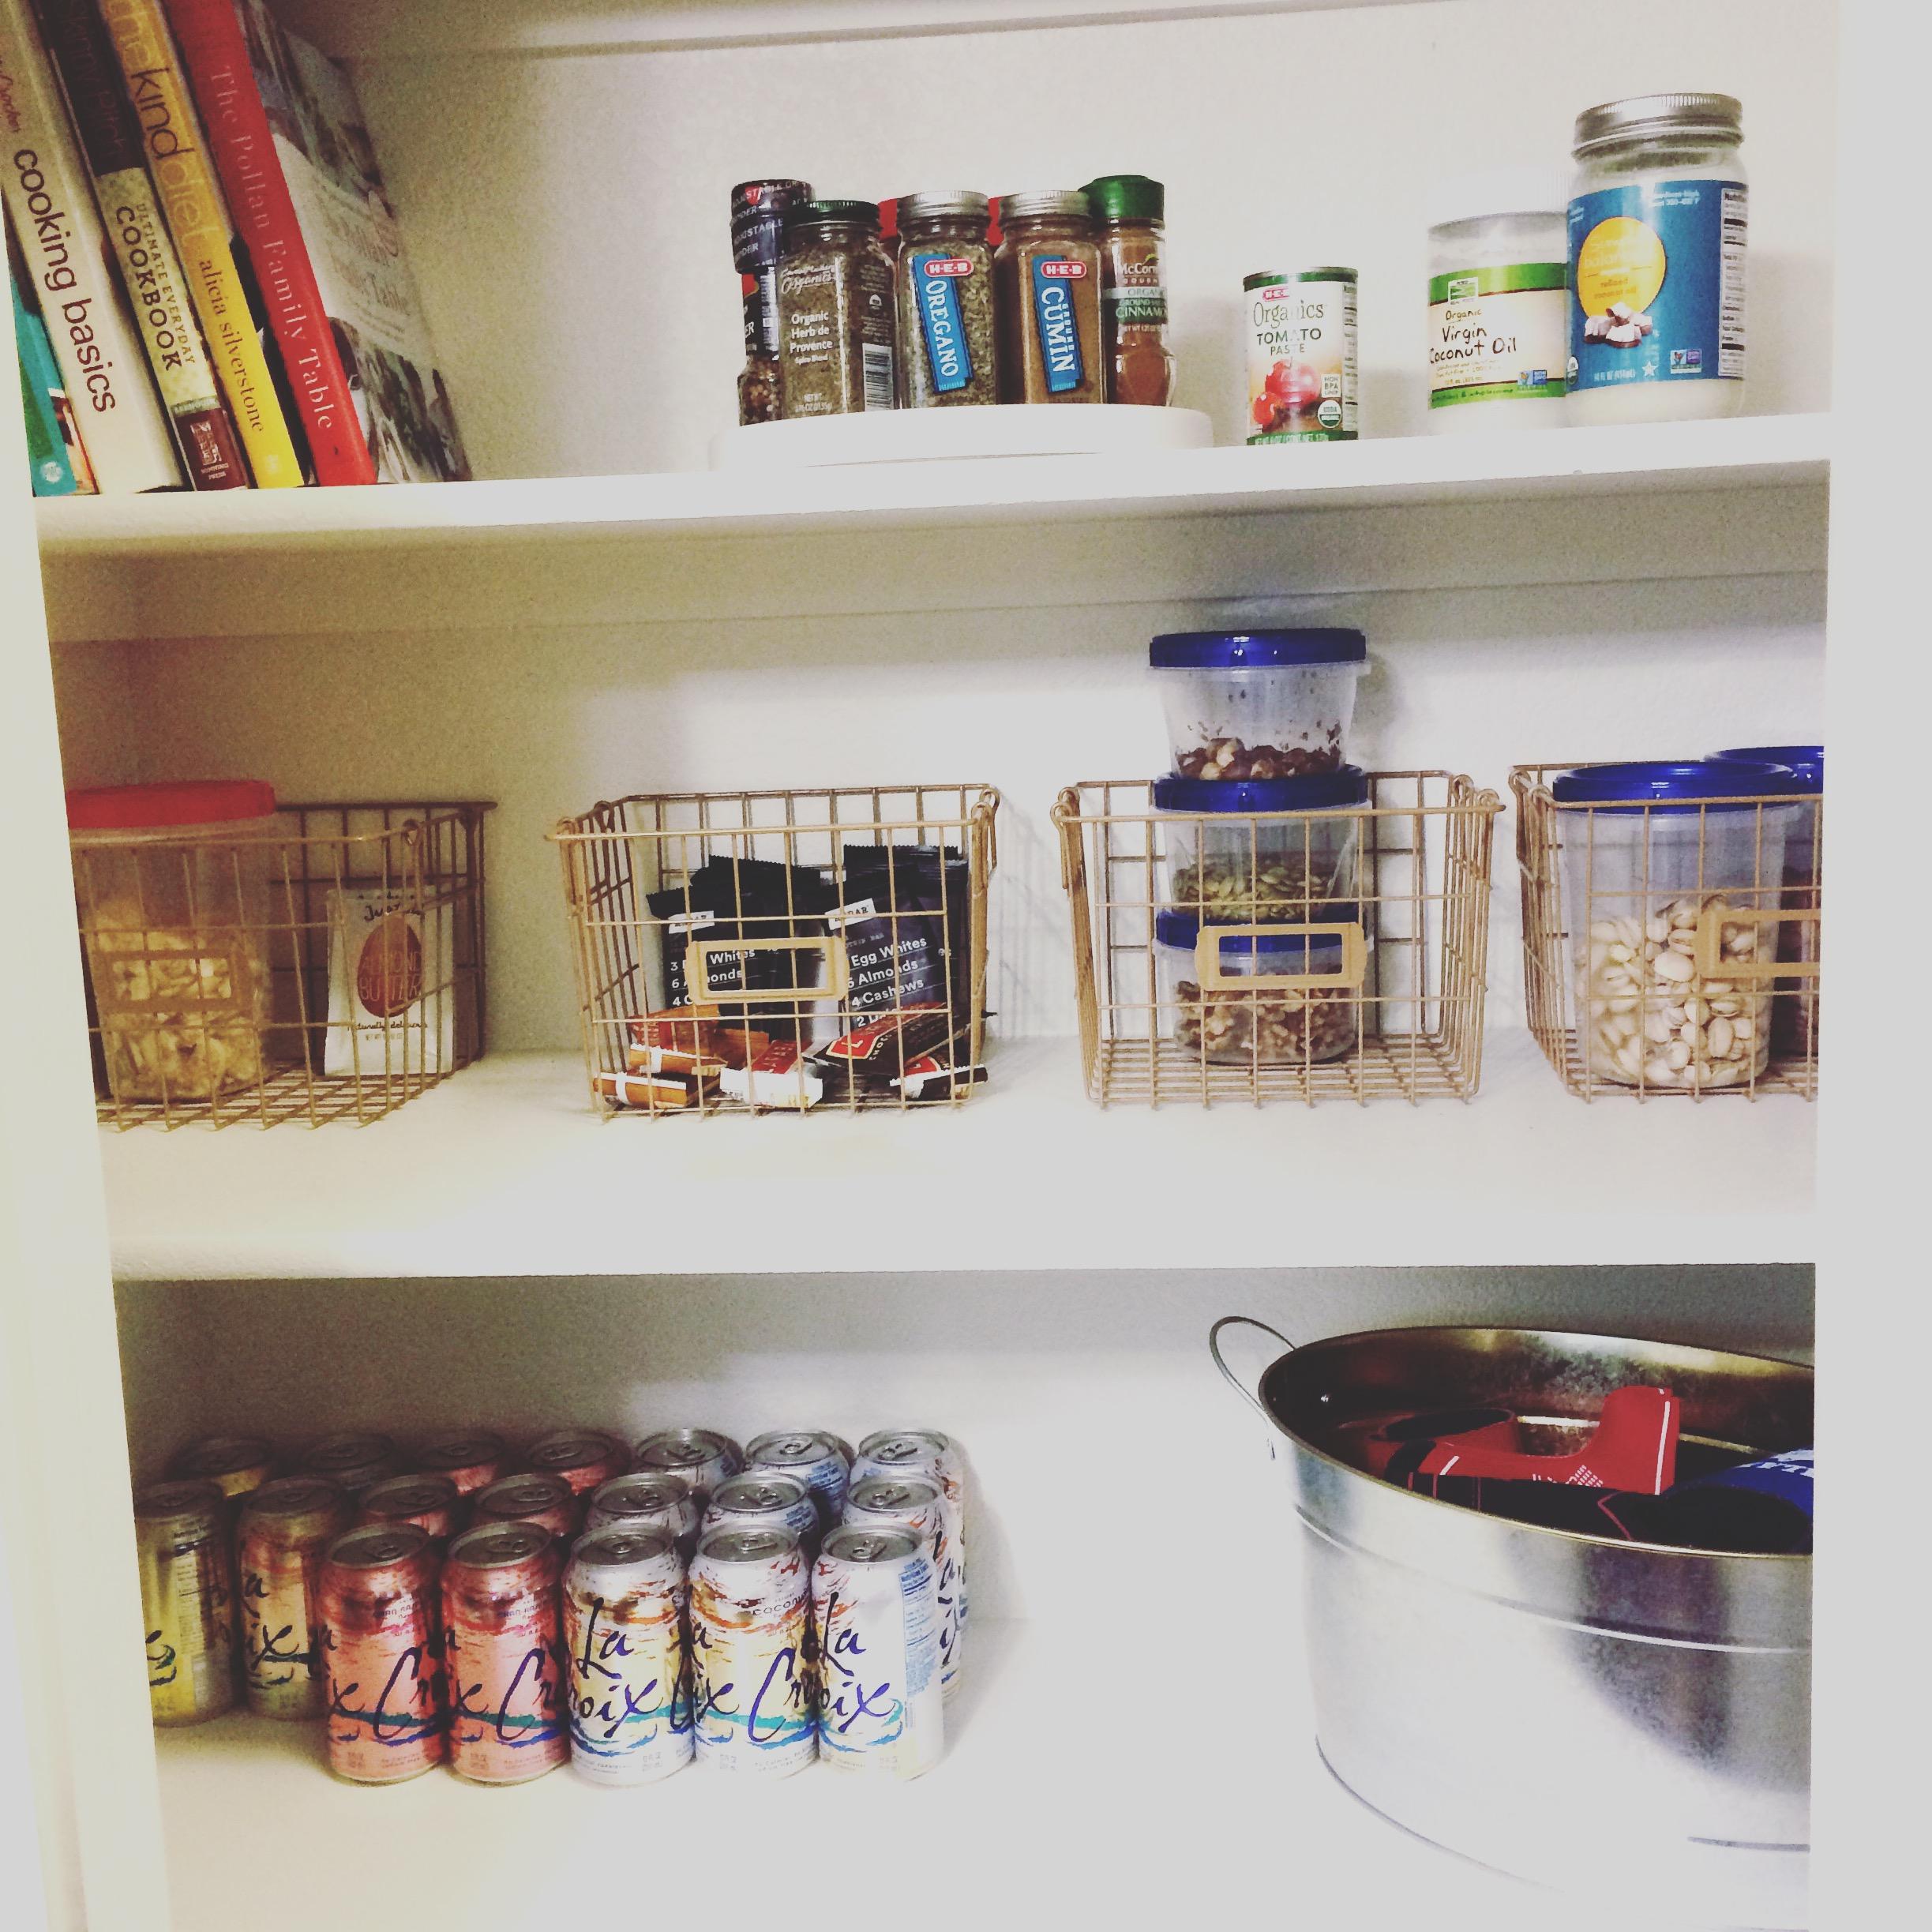 Whole30 pantry organization